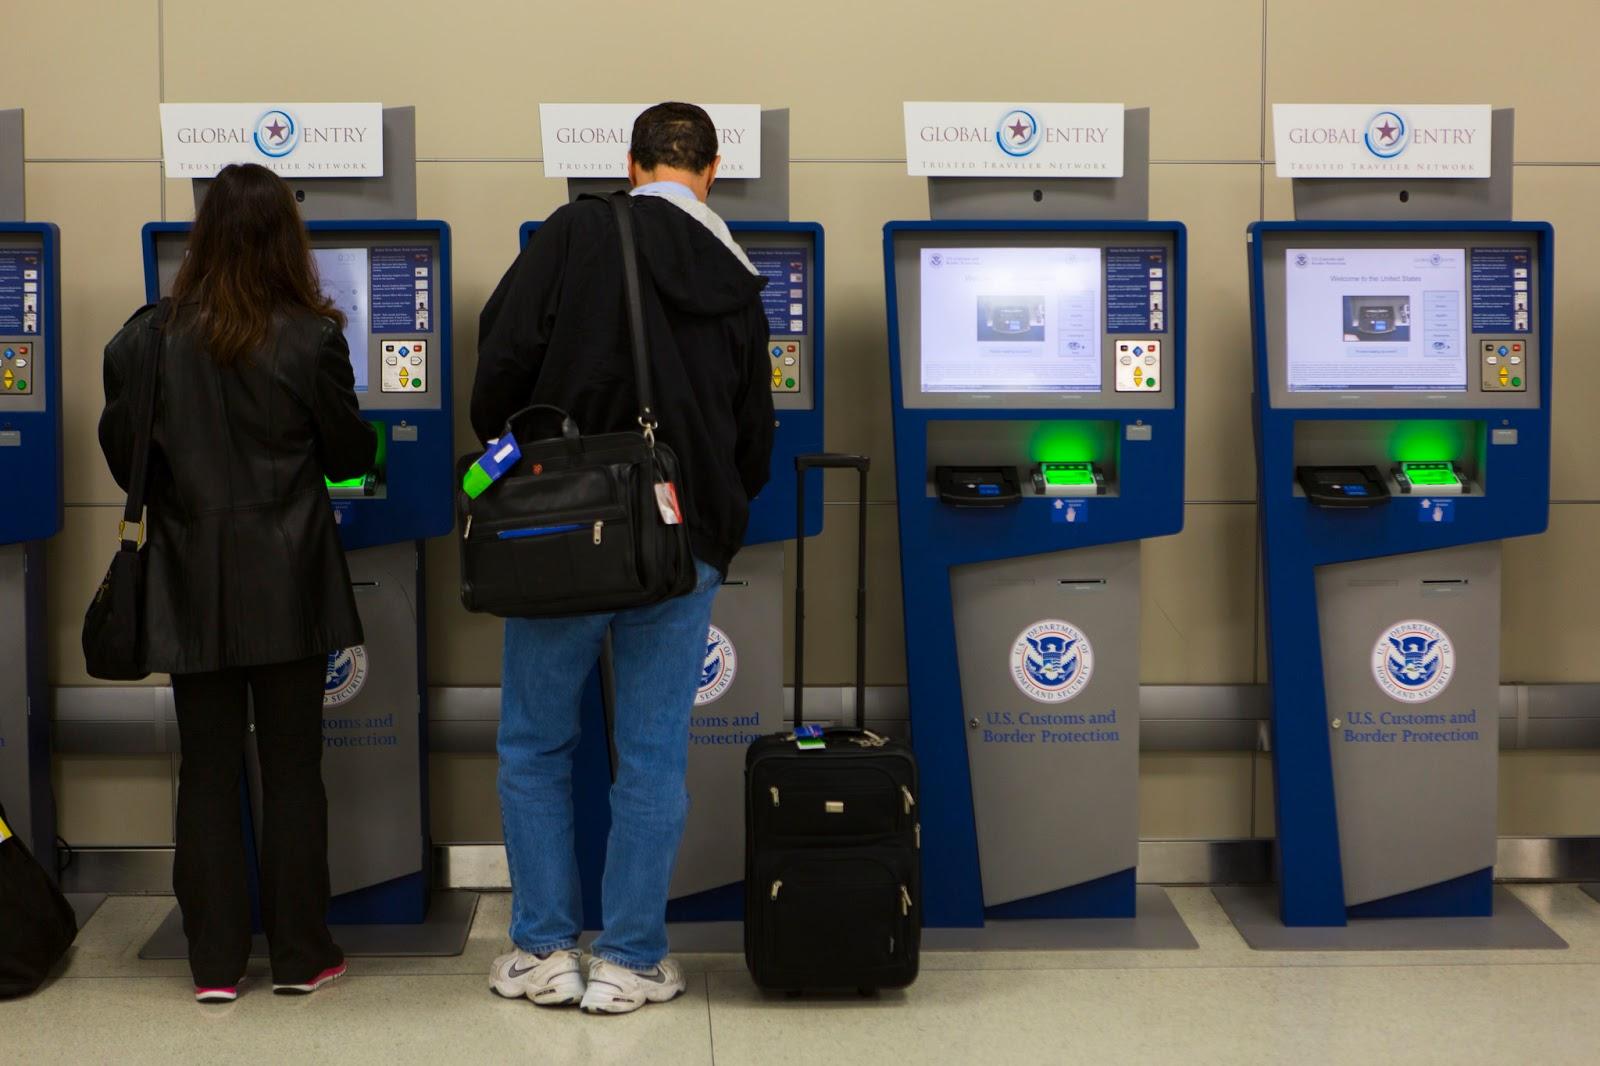 Visa Elimina La Necesidad De Disponer De Efectivo En El Transporte Publico